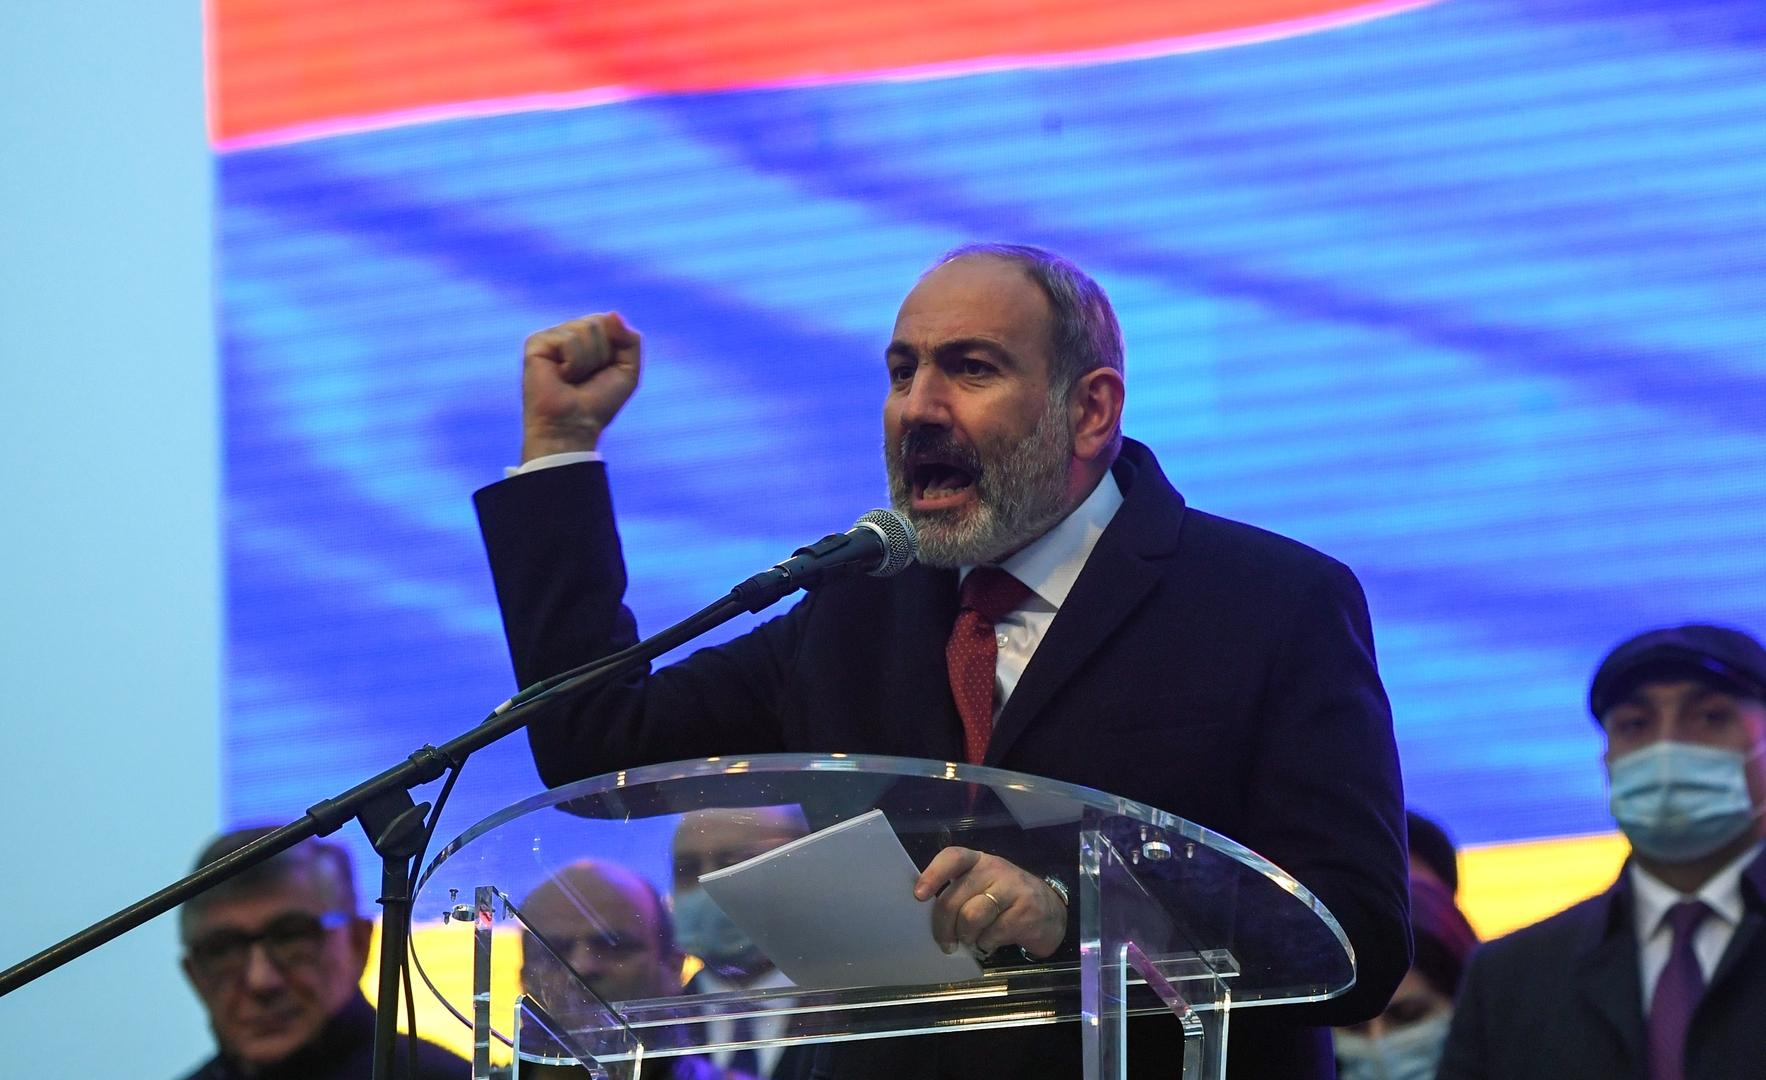 باشينيان: الانتخابات البرلمانية المبكرة في أرمينيا ستجري في 20 يونيو القادم